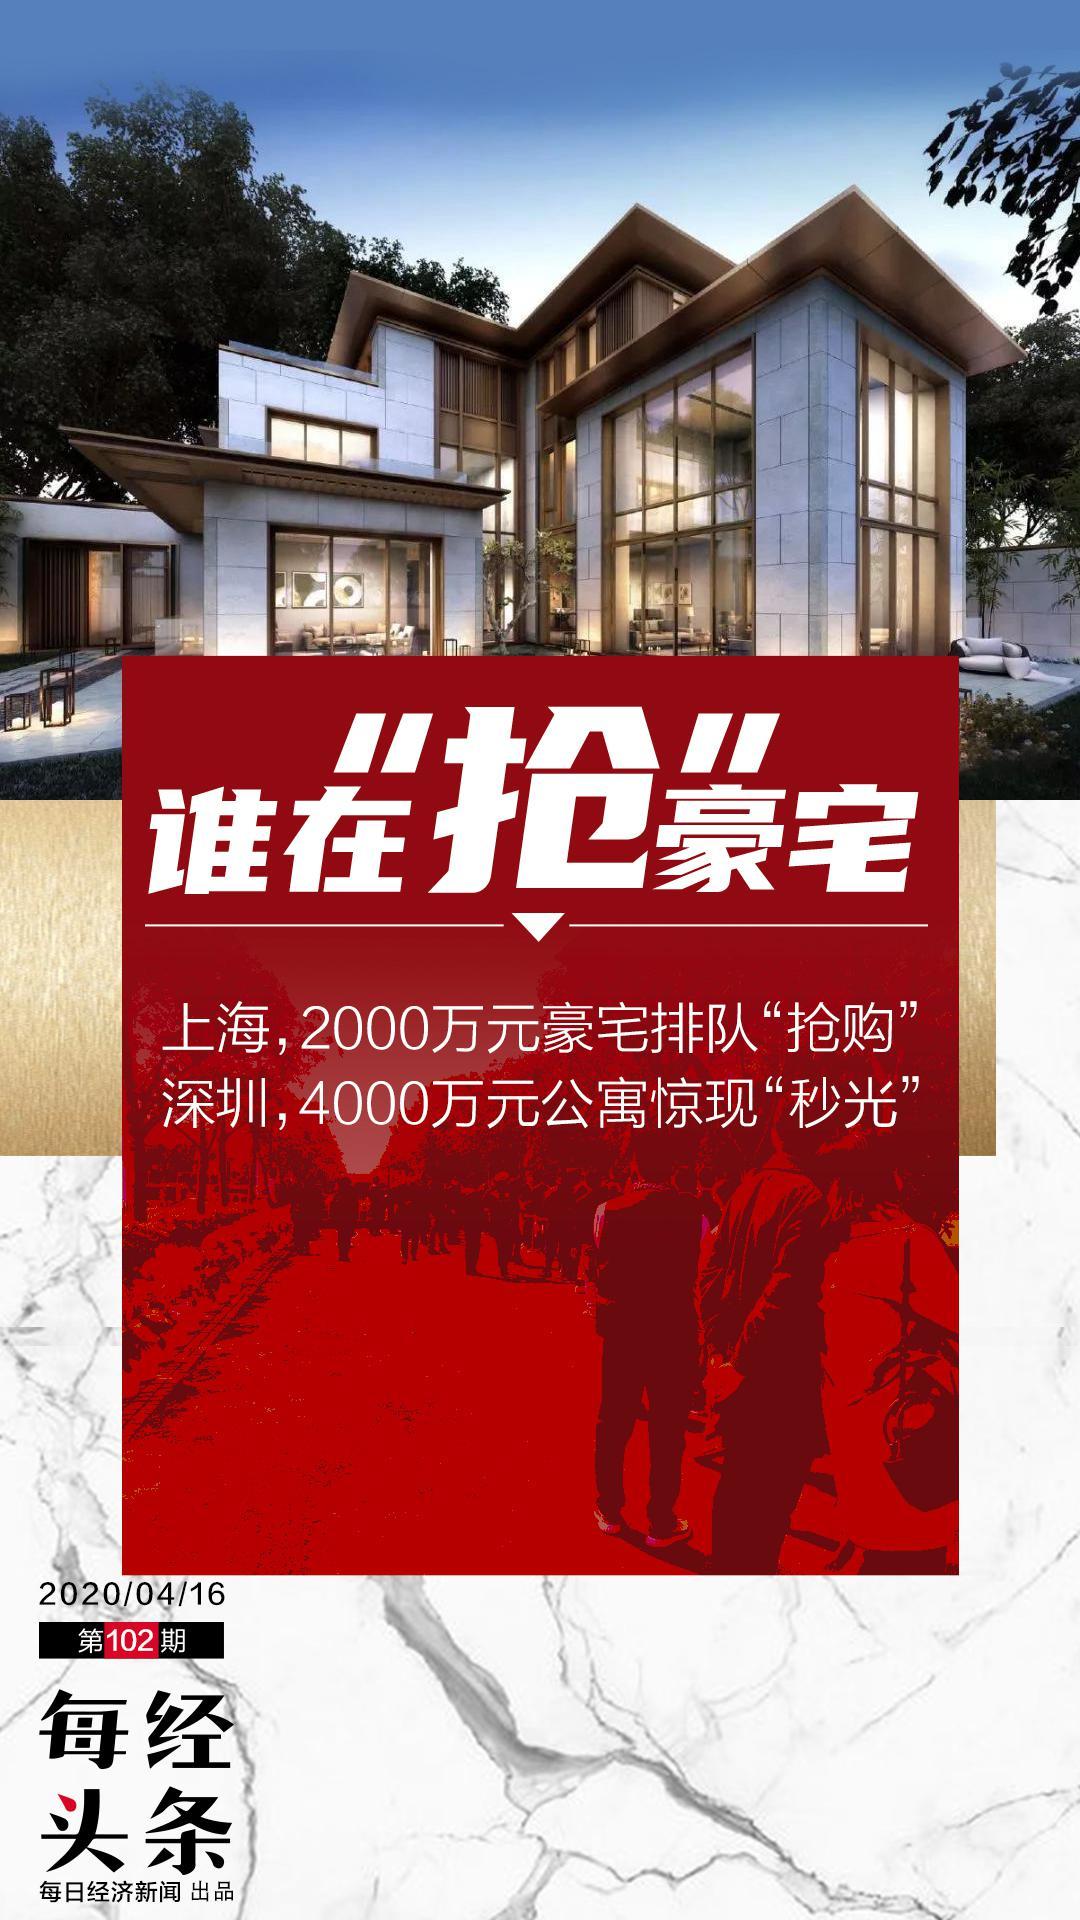 """上海2000万元豪宅排队""""抢"""" 深圳4000万级公寓""""秒光"""""""